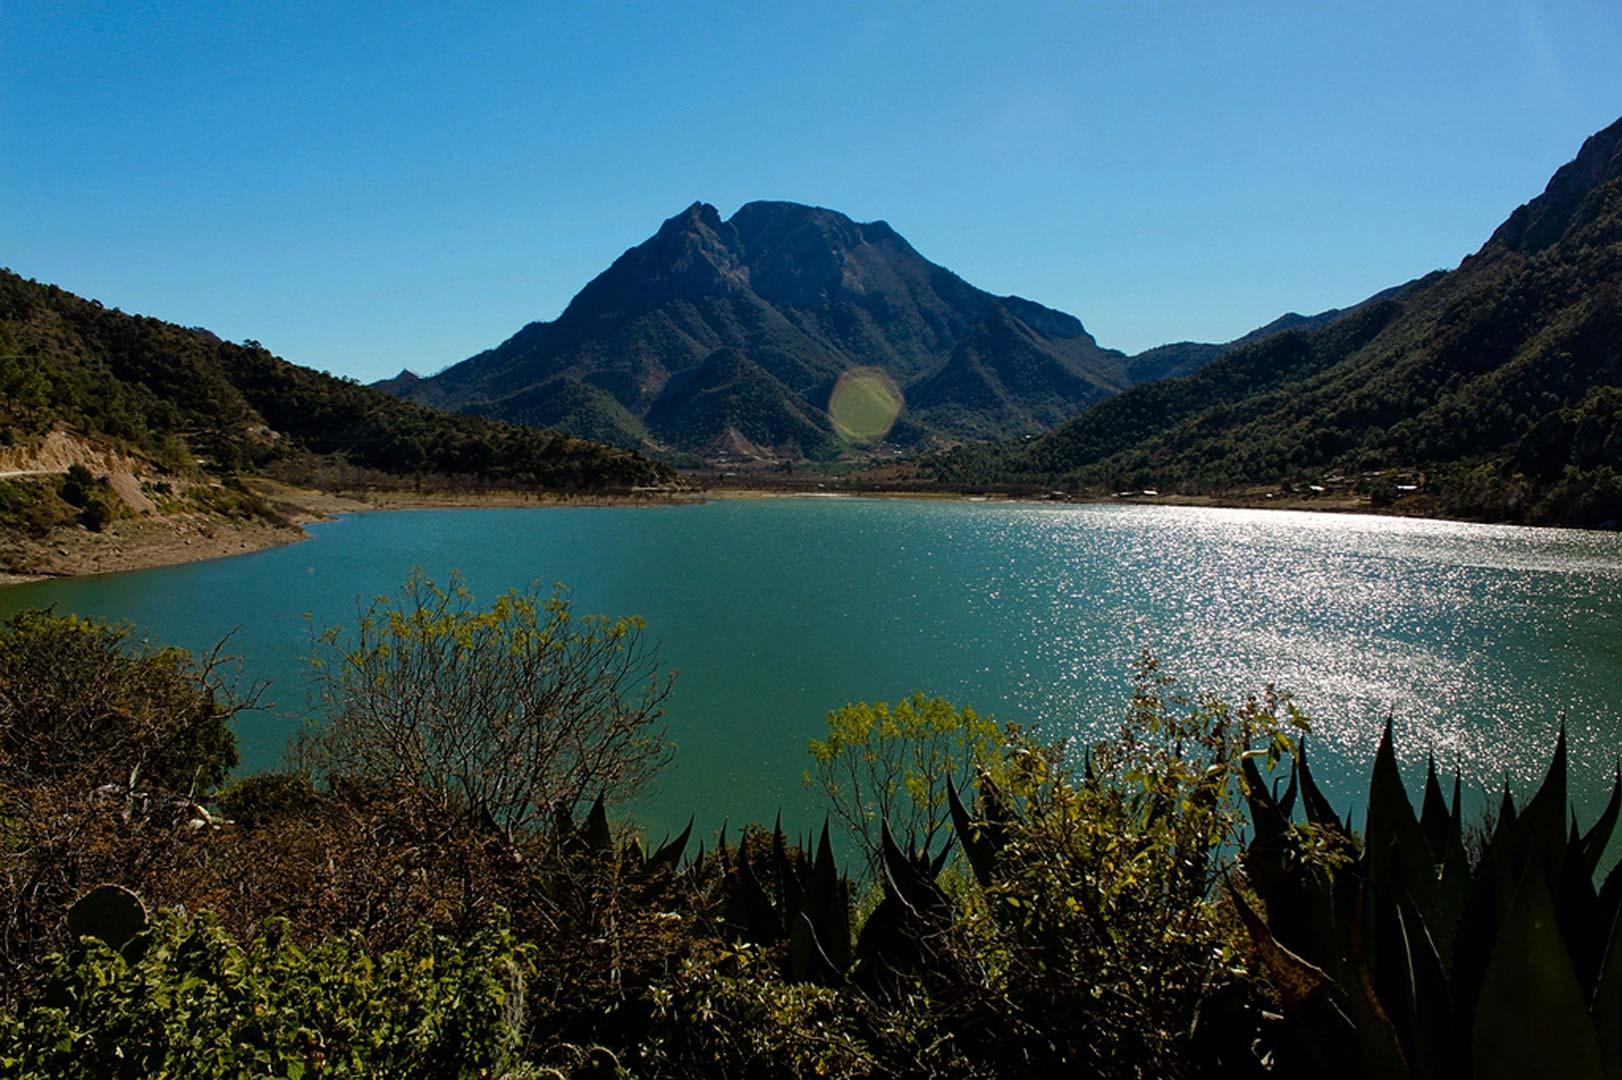 Paisaje litoral de la Laguna de Bacalar (Quintana Roo, México): ocupación del suelo y producción del imaginario por el turismo